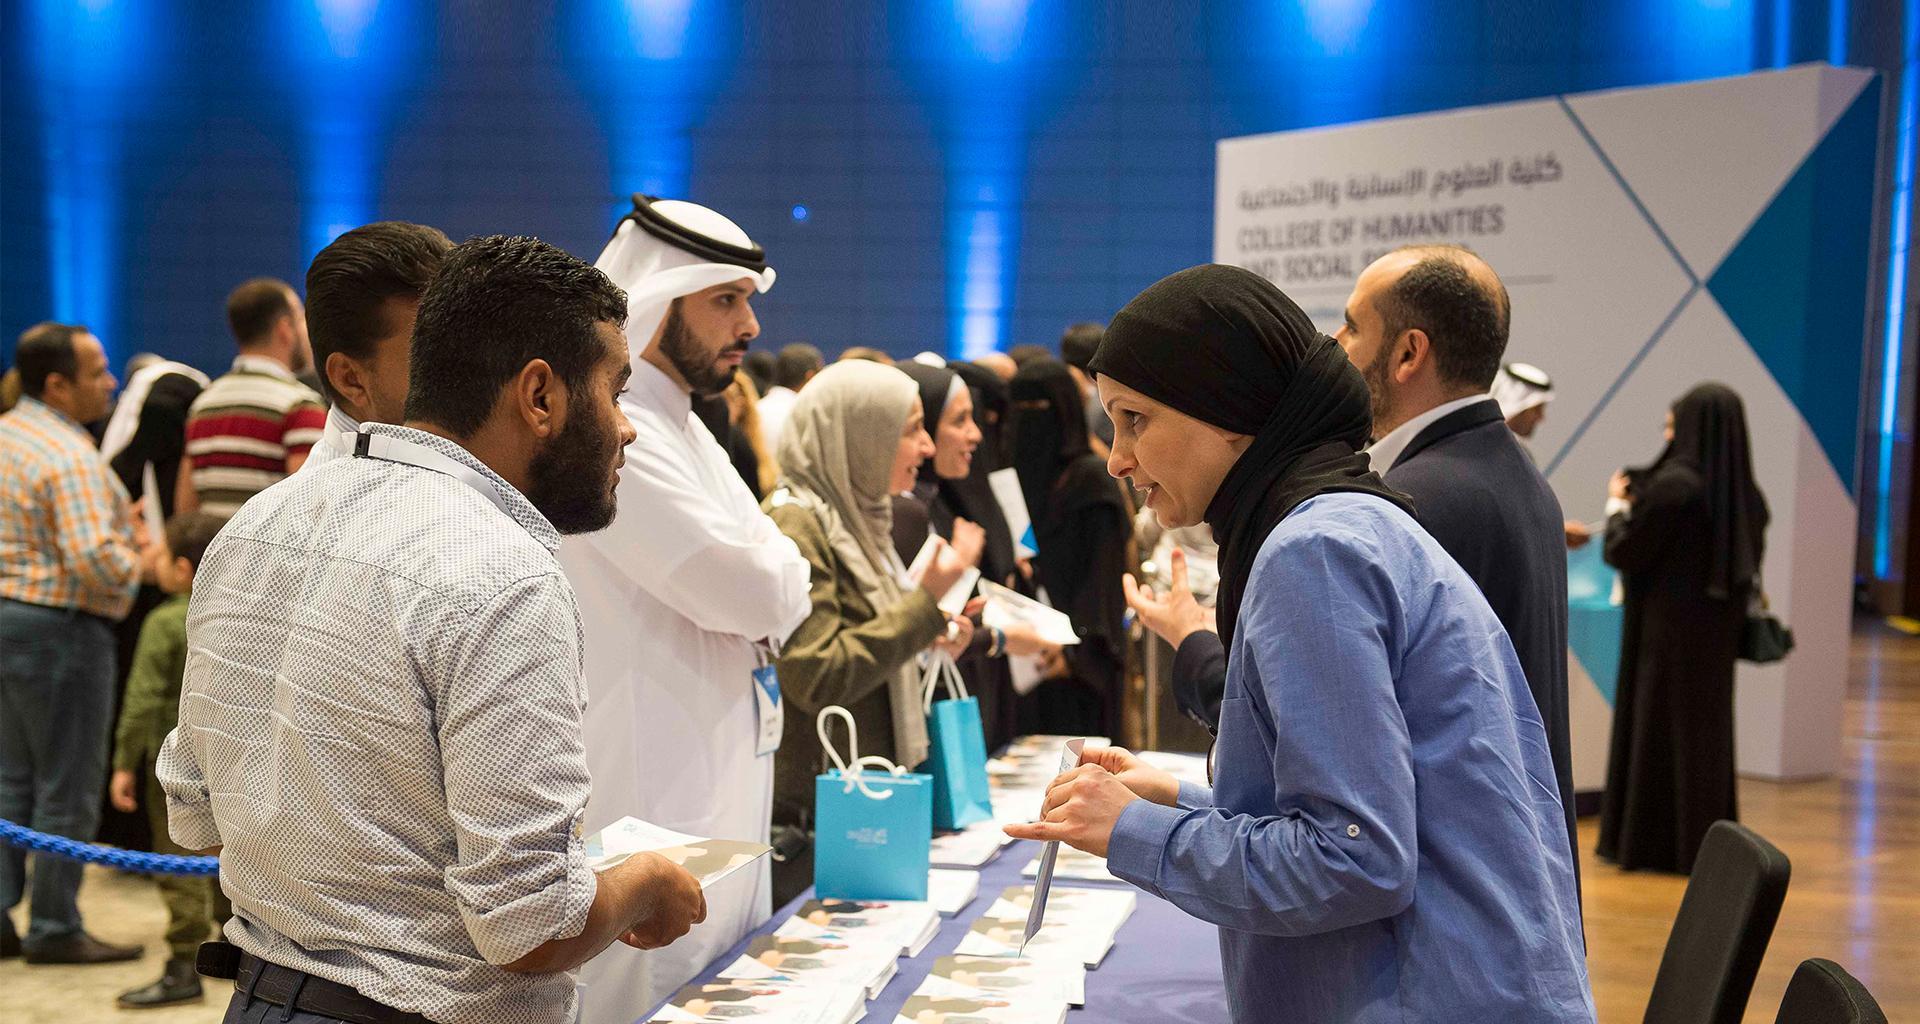 جامعة حمد بن خليفة تكشف عن ثمانية برامج جديدة للدراسات العليا خلال فعالية خاصة